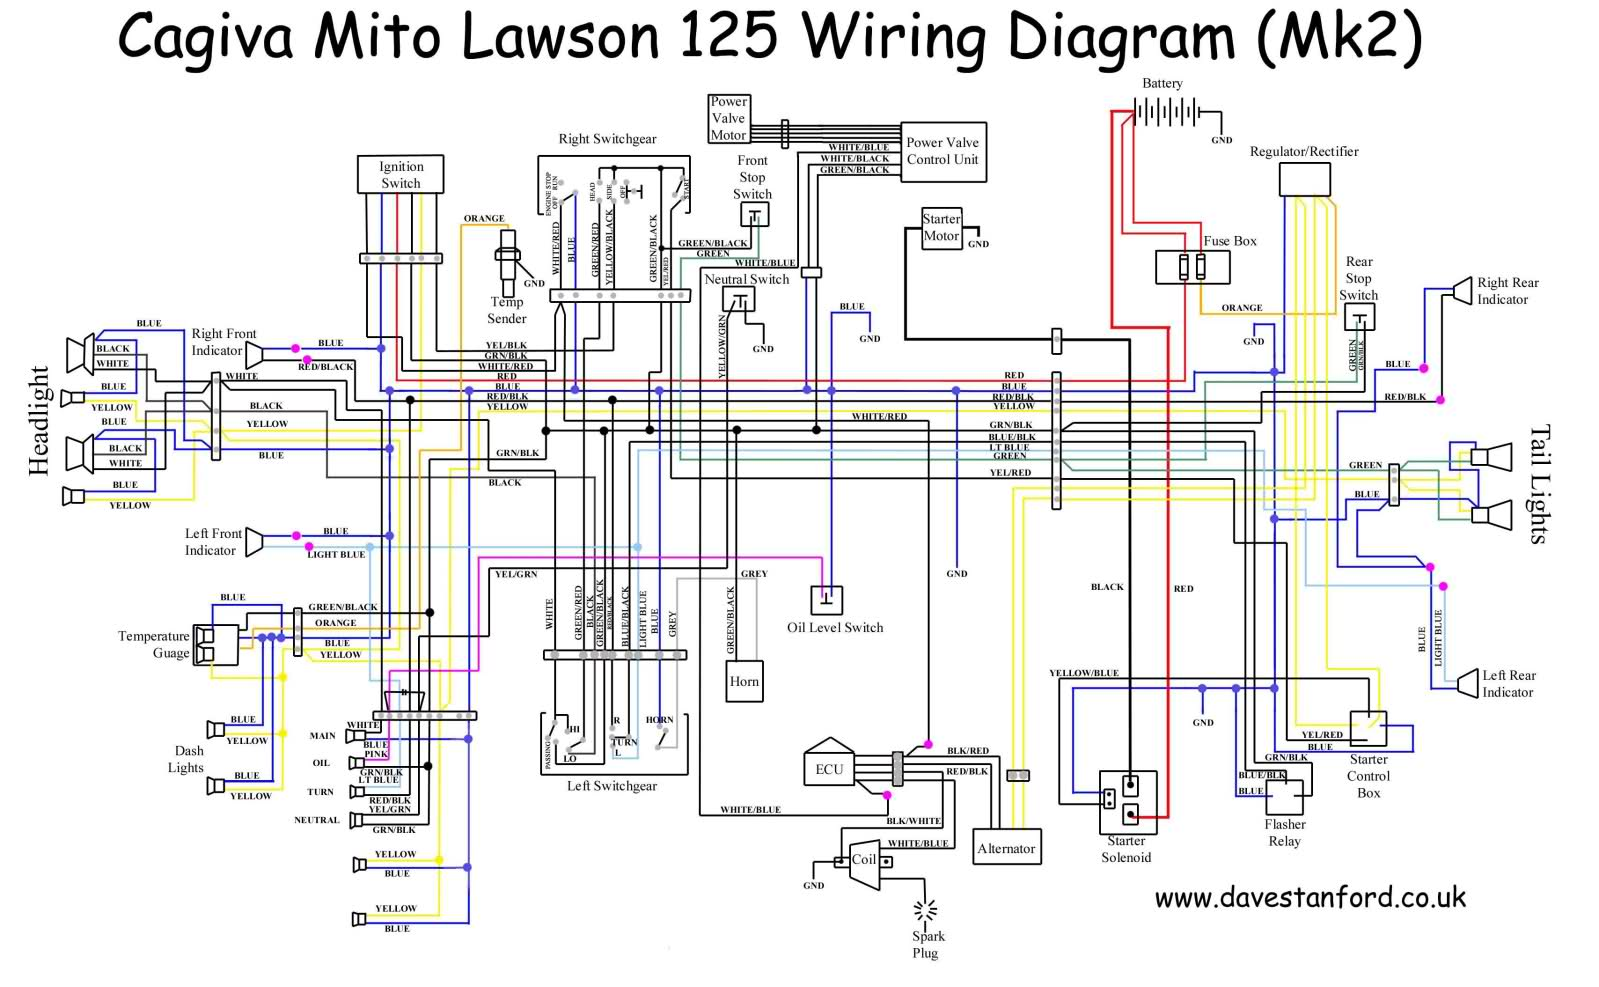 hight resolution of cagiva mito 125 cagiva mito 125 wiring diagrams electrics cagiva mito bike show cagiva mito power valve wiring